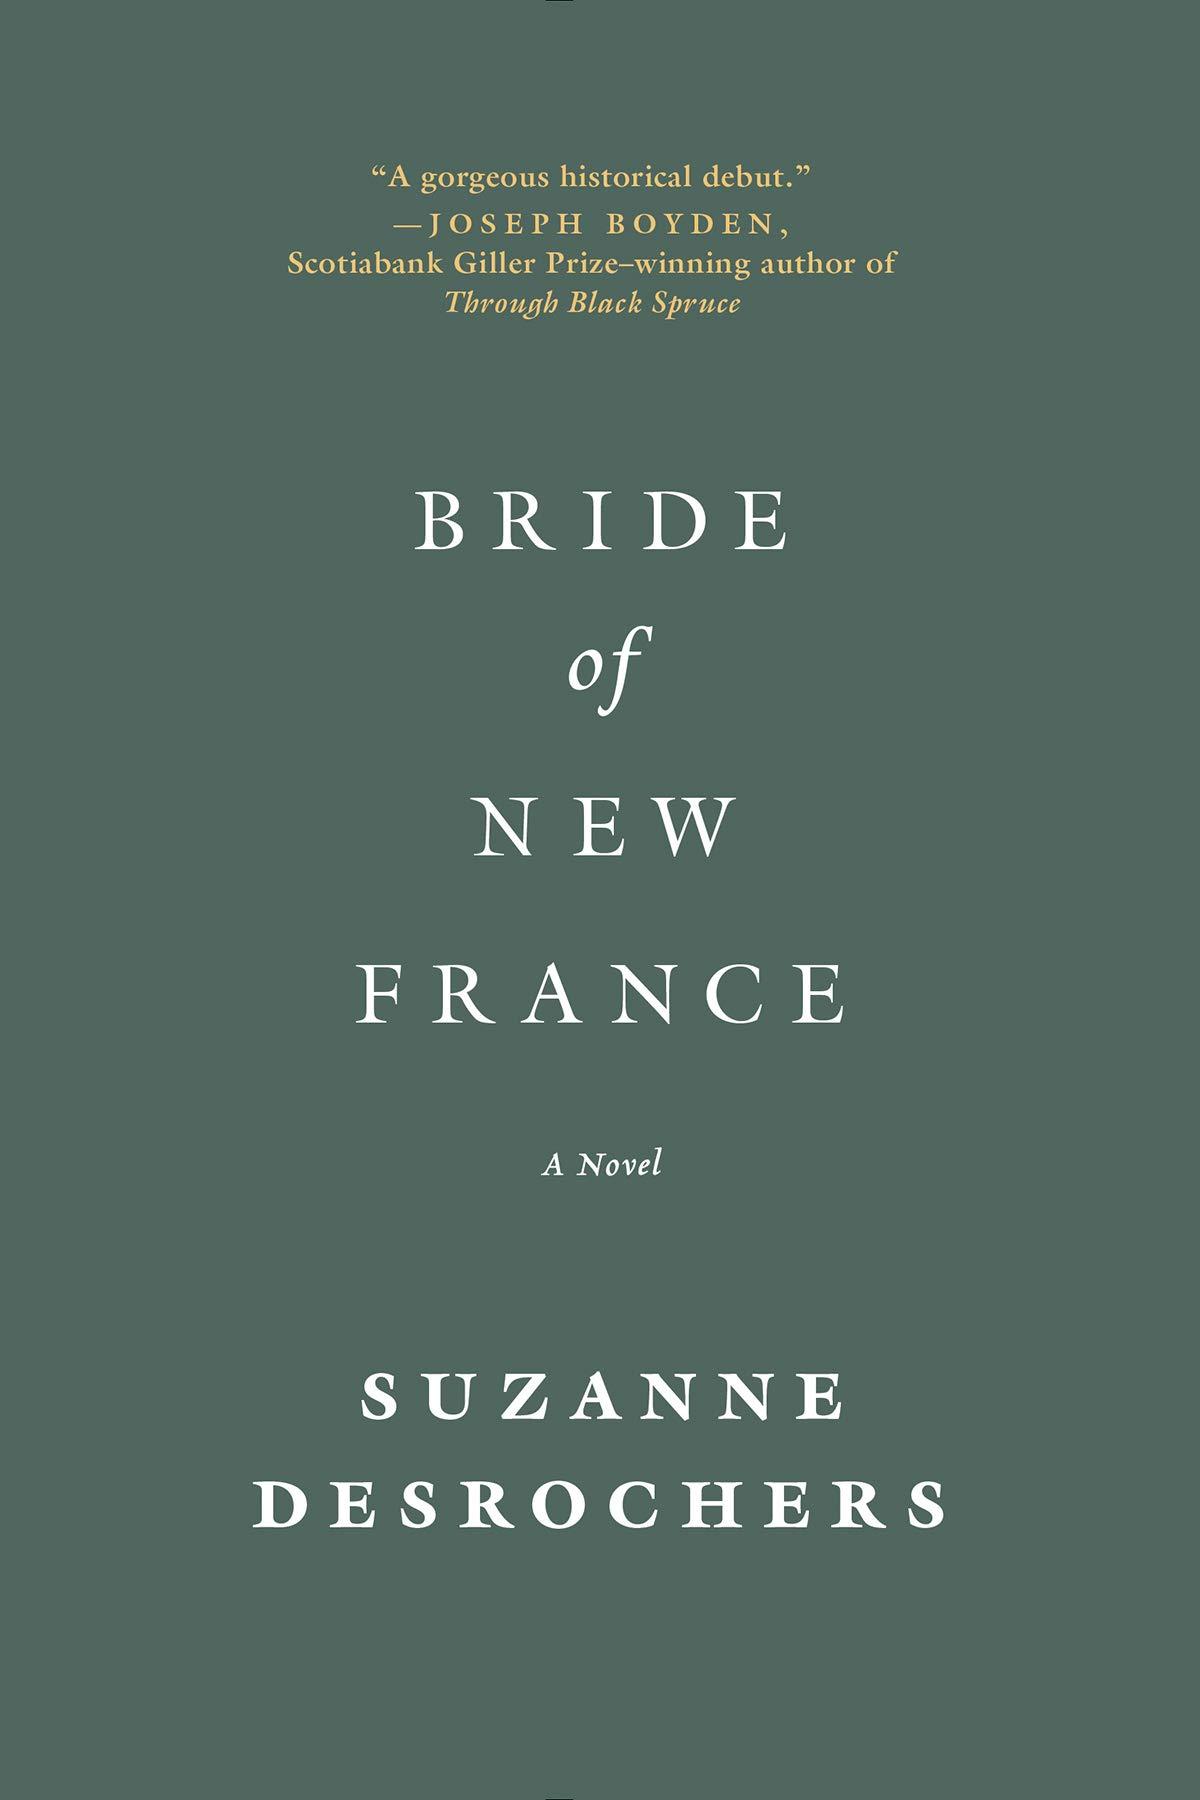 Bride of New France: A Novel: Suzanne Desrochers: 9780393345858:  Amazon.com: Books